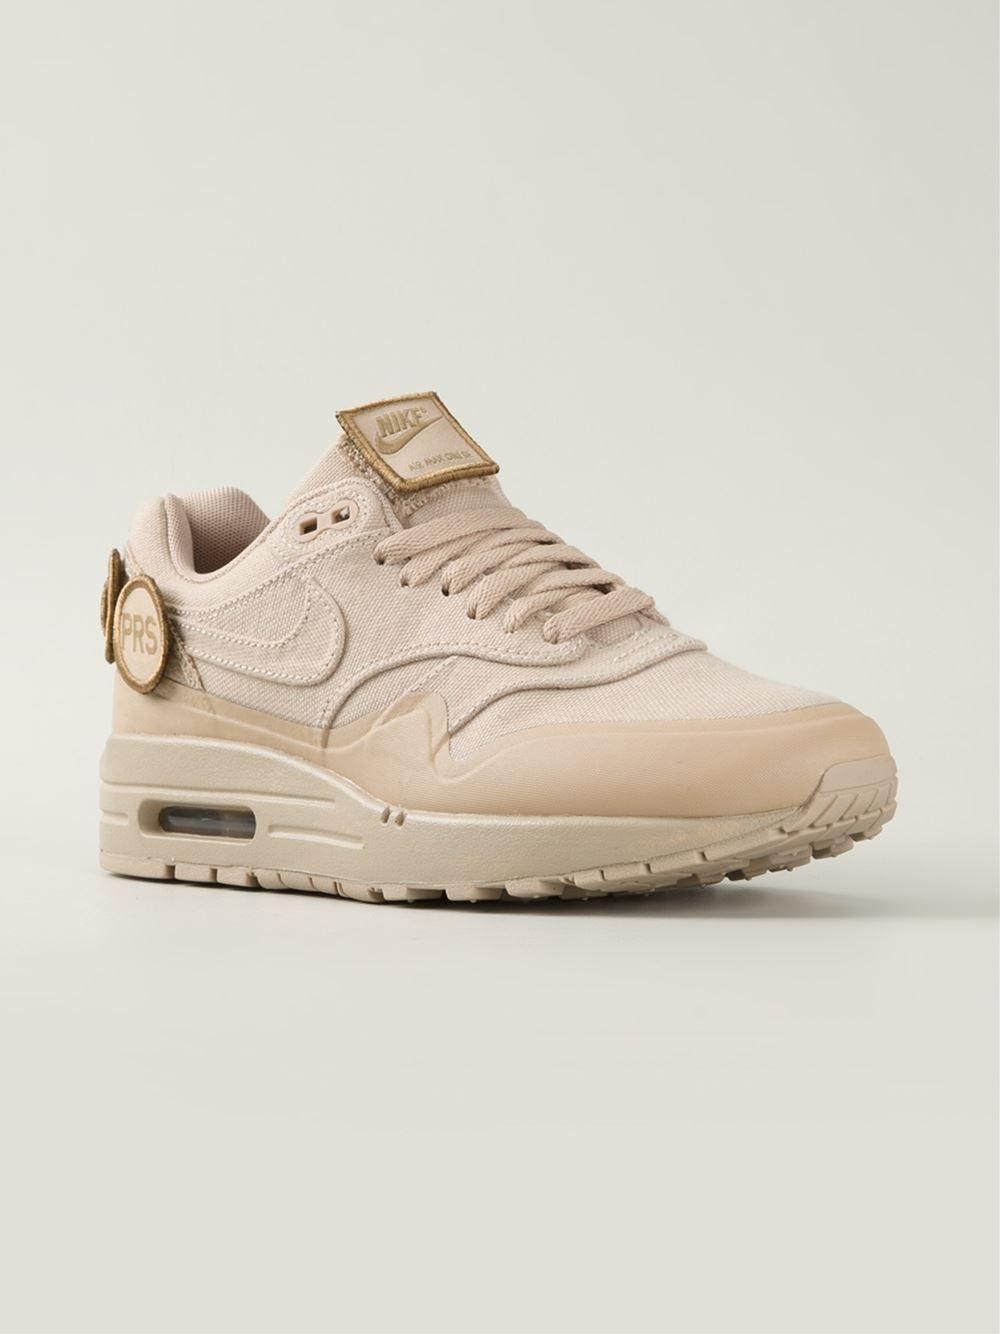 Nike 'Air Max 1' Sneakers in Natural for Men - Lyst